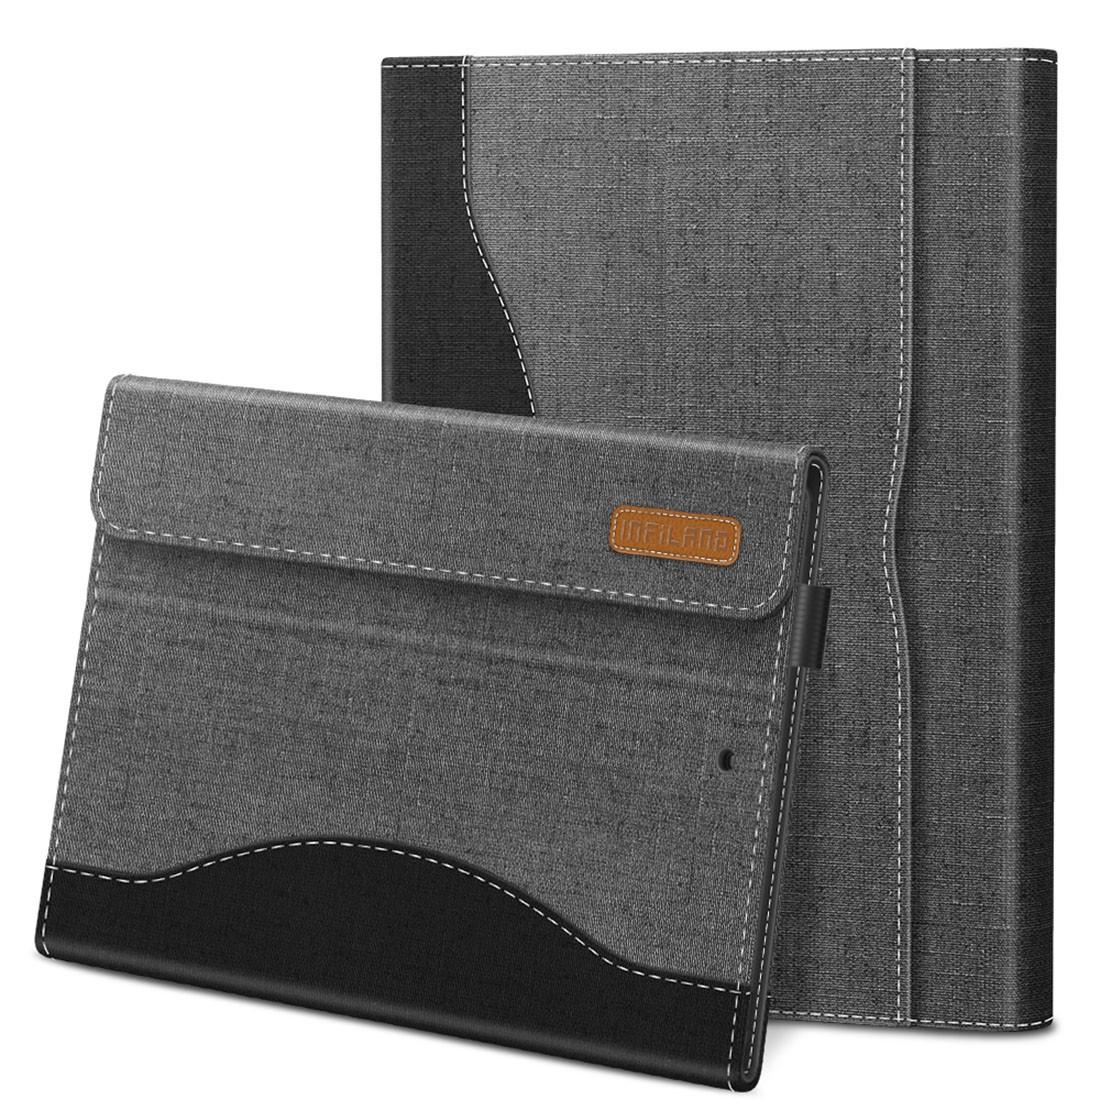 Capa Premium Business Séries com Fino Acabamento iPad Air 9.7 pol 2013 A1474 A1475 A1476